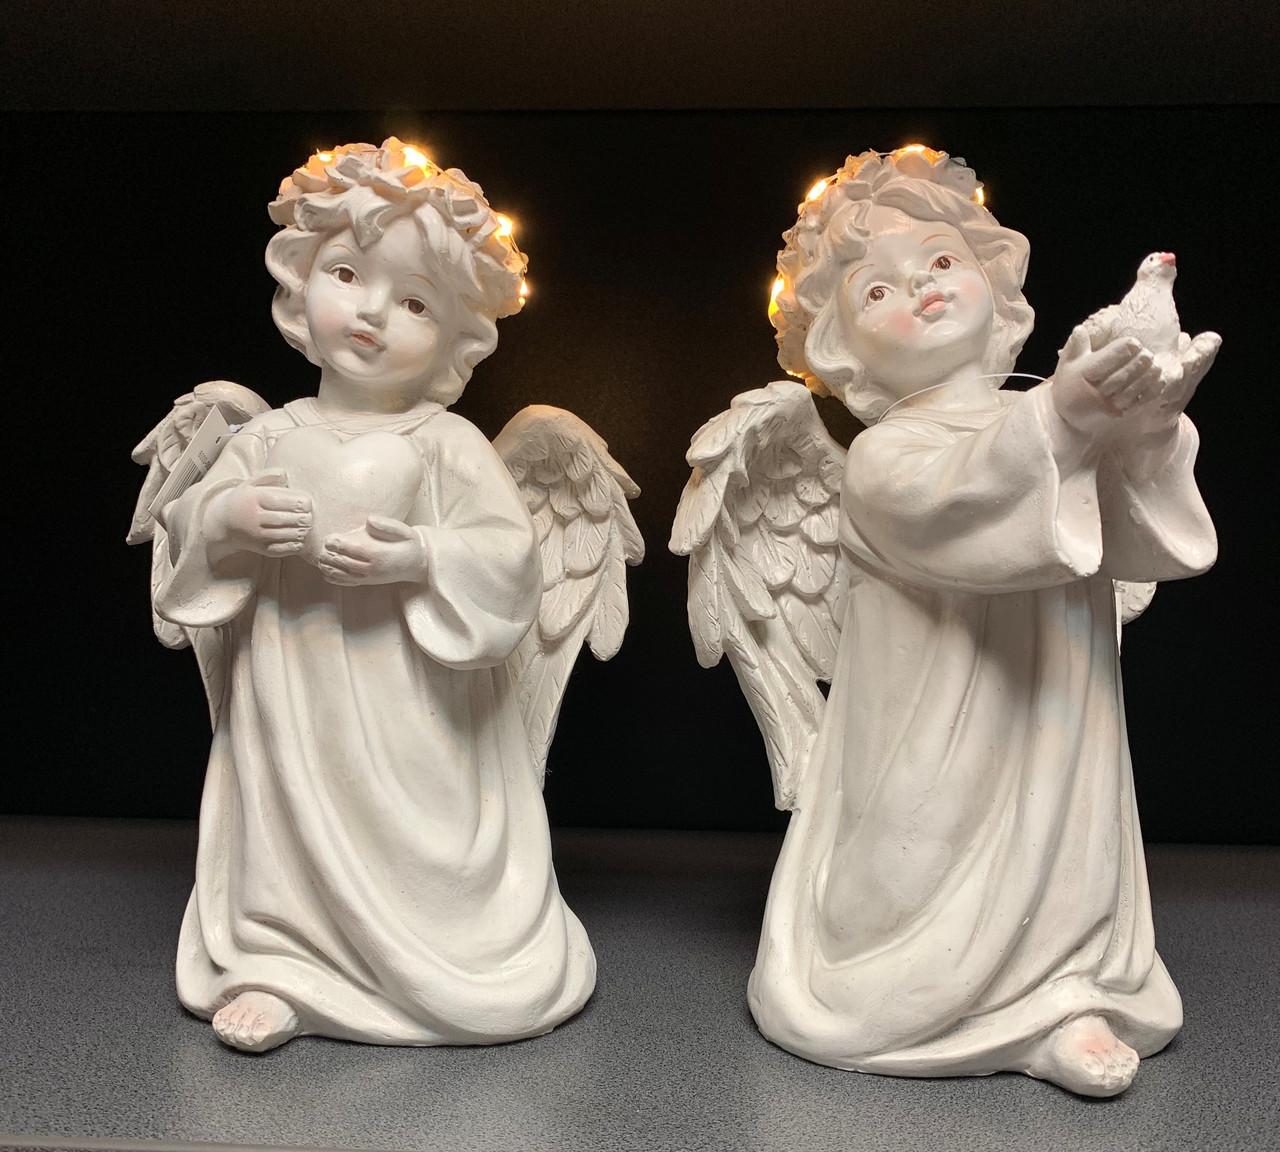 Статуэтки Ангелы светящиеся, набор из 2 шт